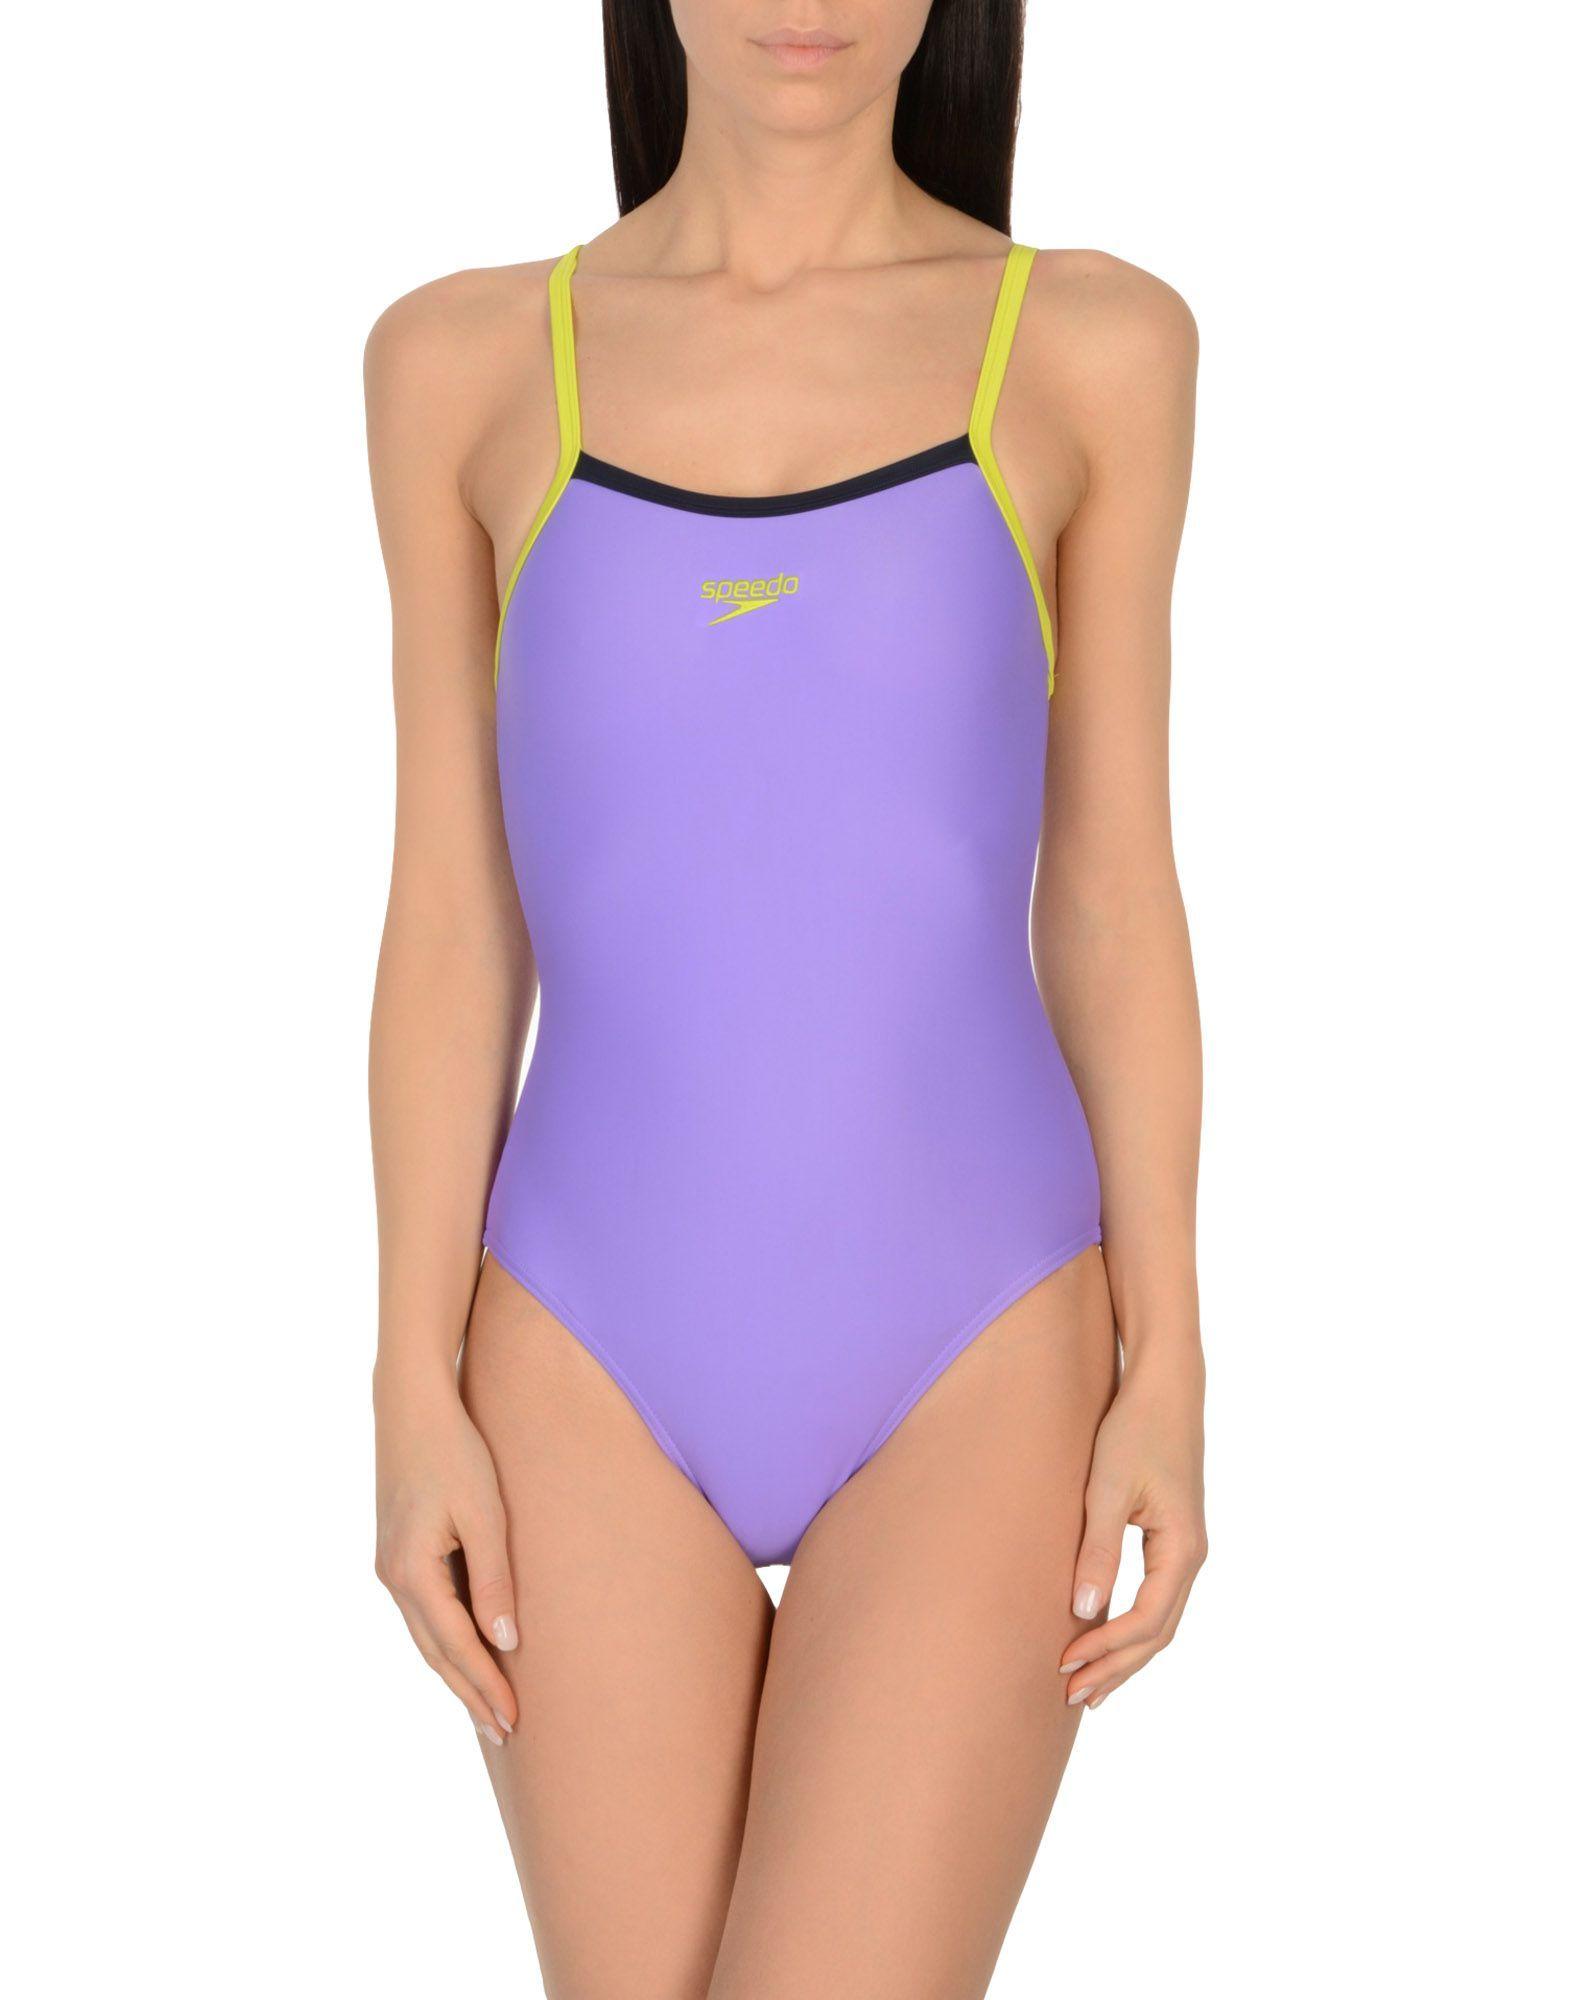 Speedo Purple Swimsuit